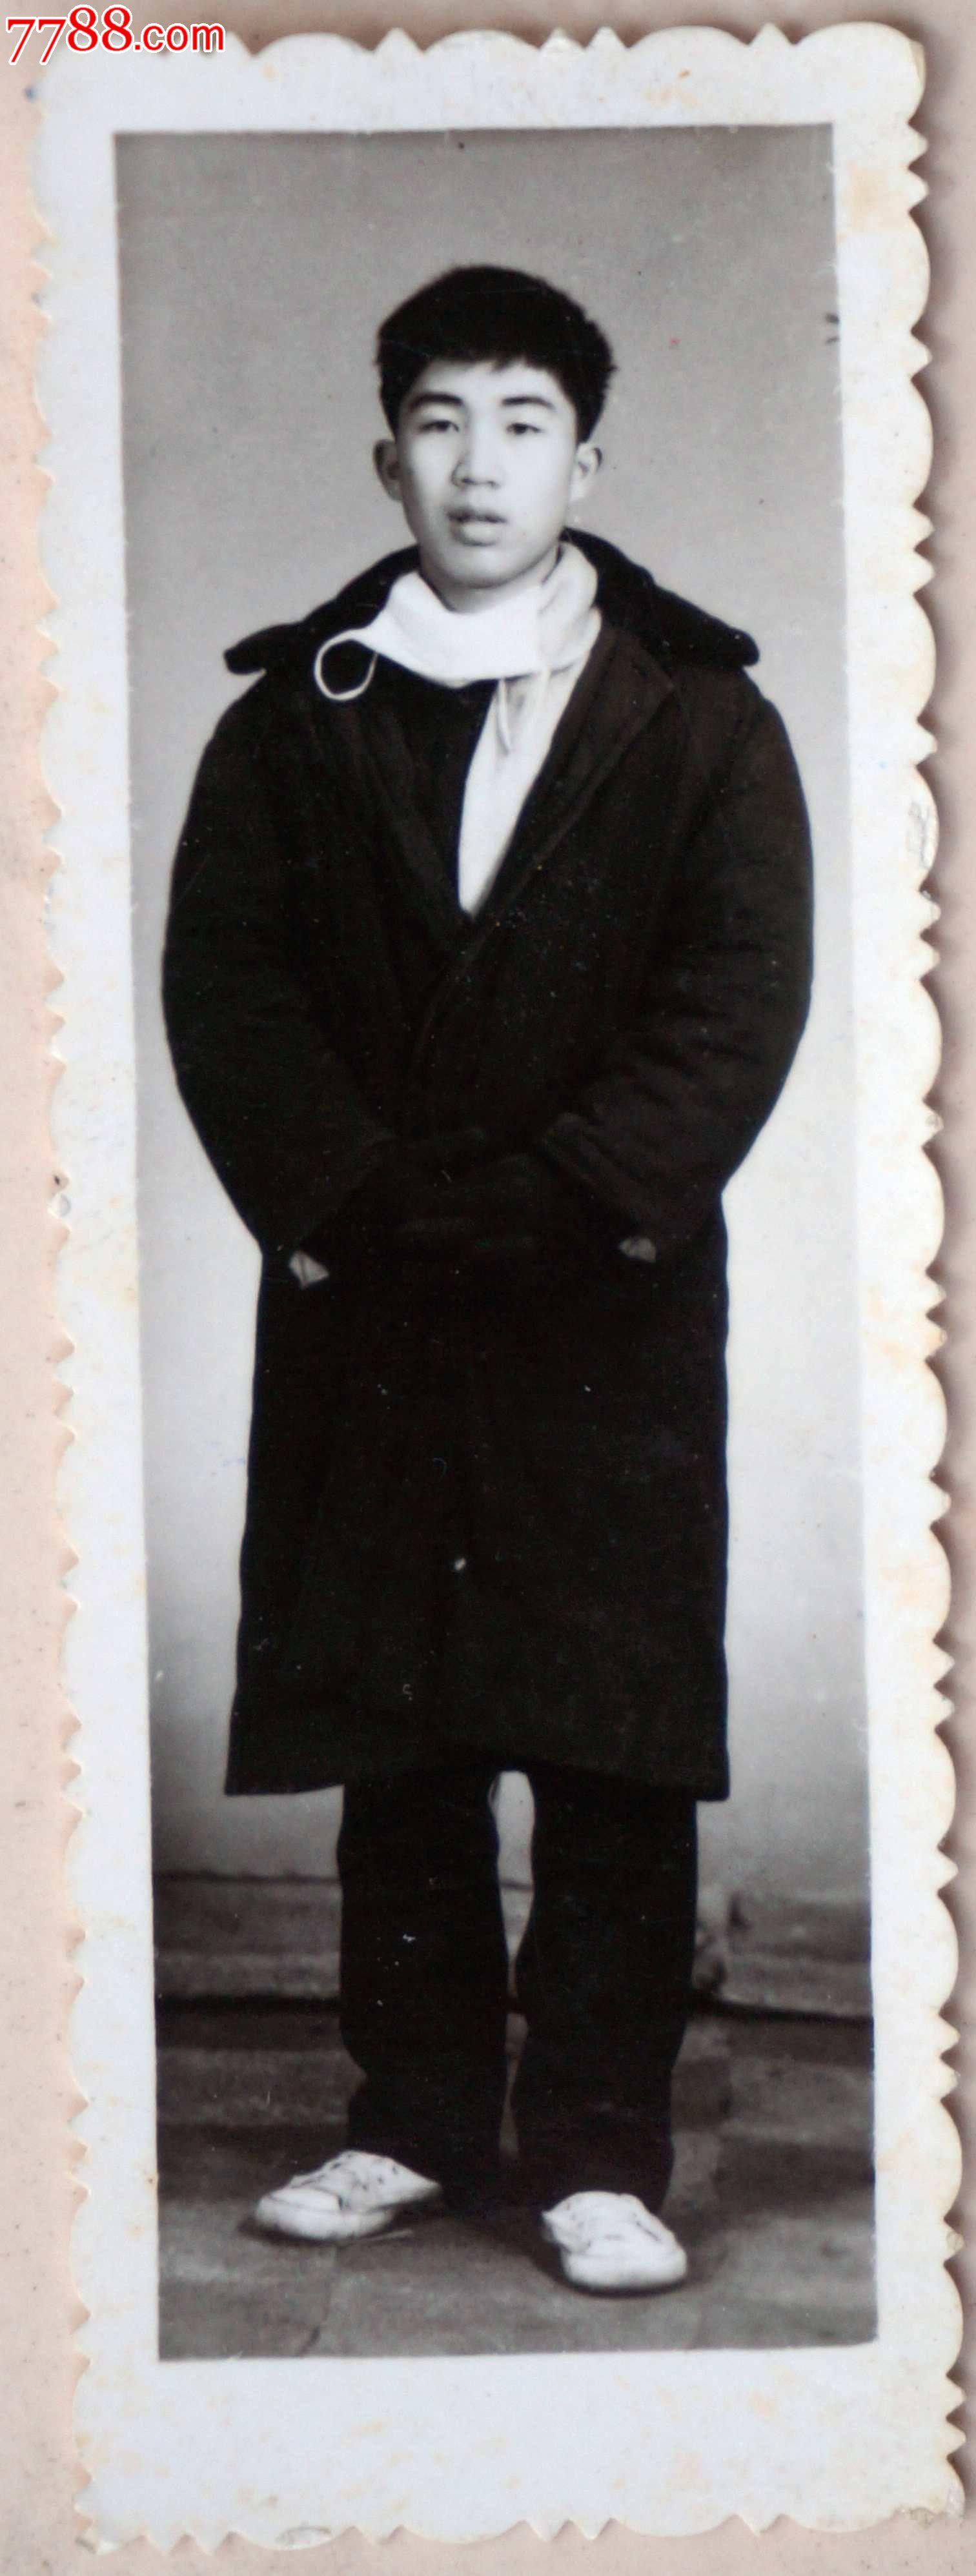 早期男青年全身照-au7057283-老照片-加价-7788收藏图片